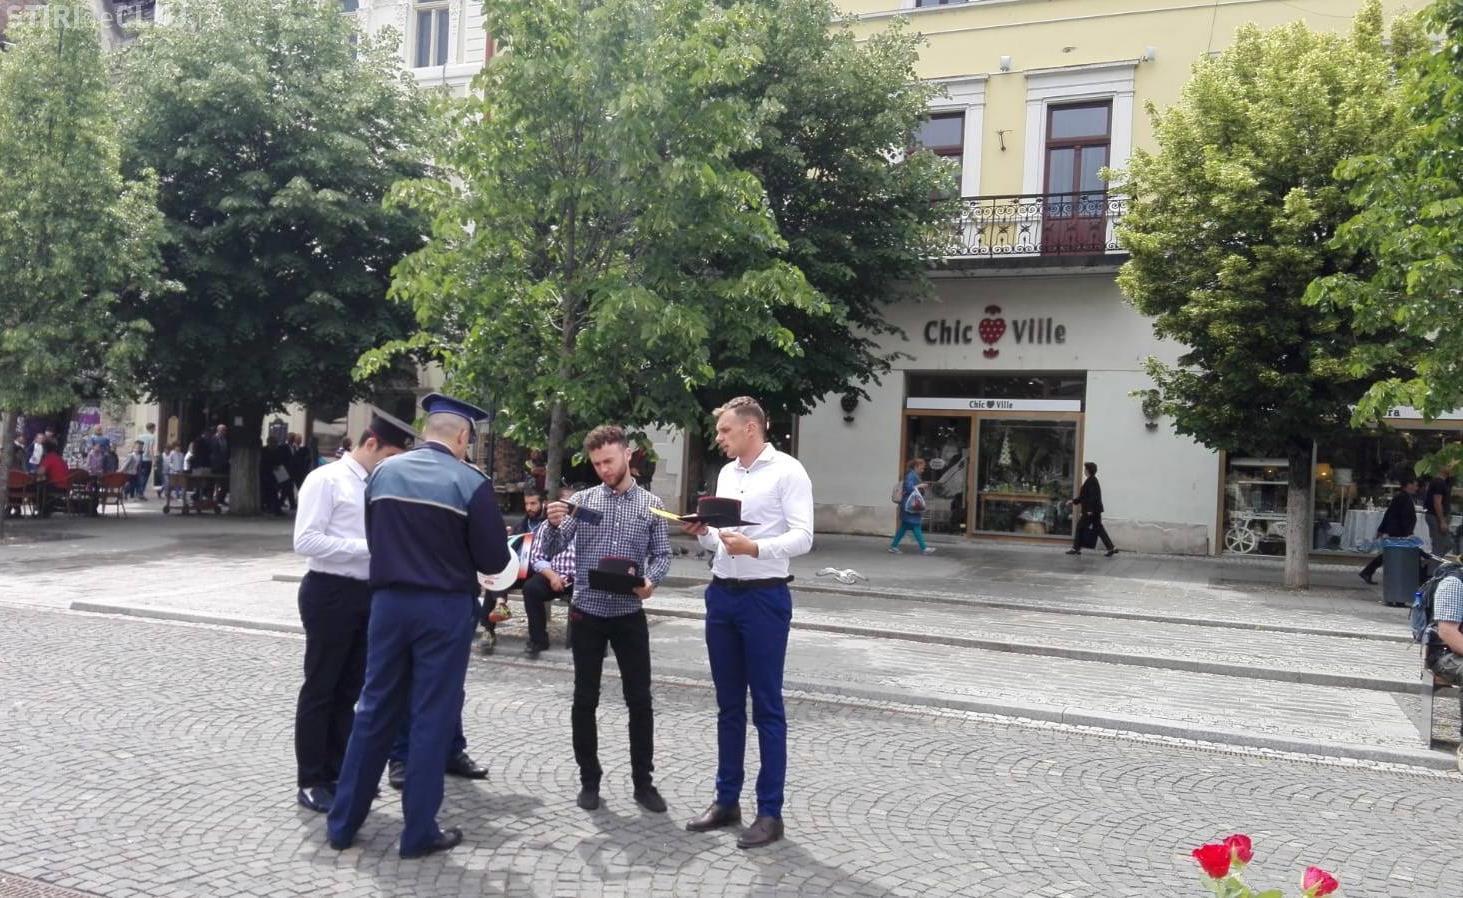 Polițiștii patrulează străzile de Zilele Clujului. Care sunt recomandările oamenilor legii pentru cetățeni